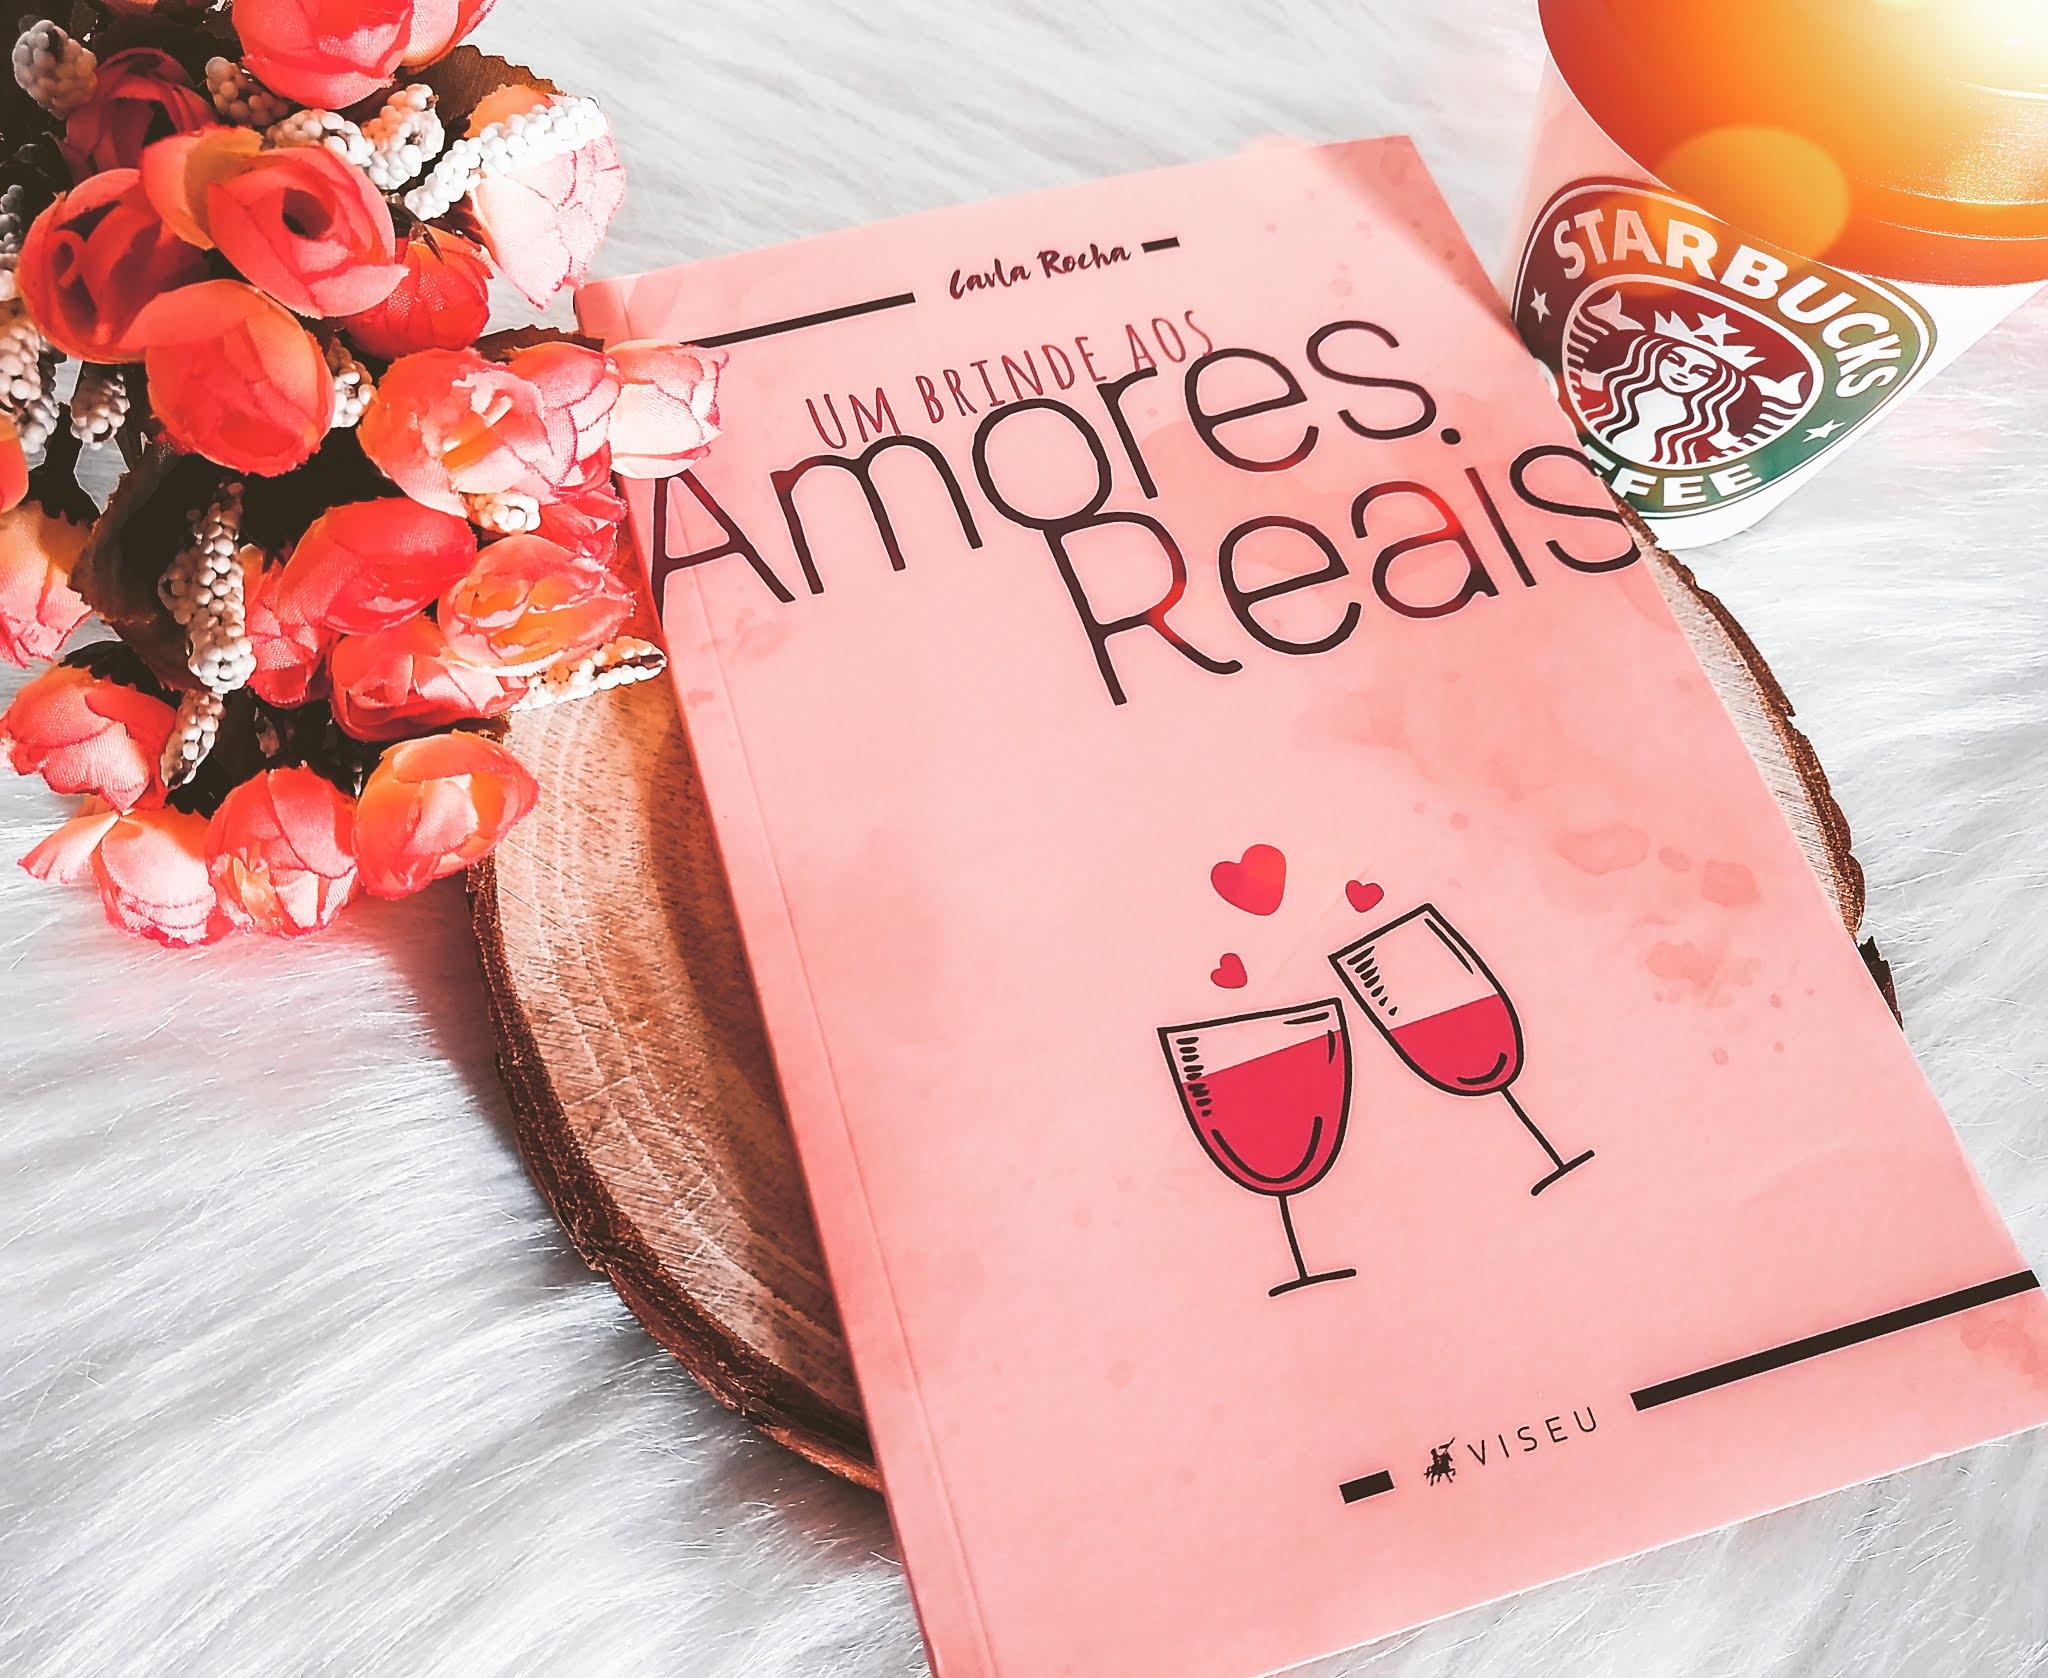 """Resenha do livro """"Um brinde aos amores reais"""", de Carla Rocha"""